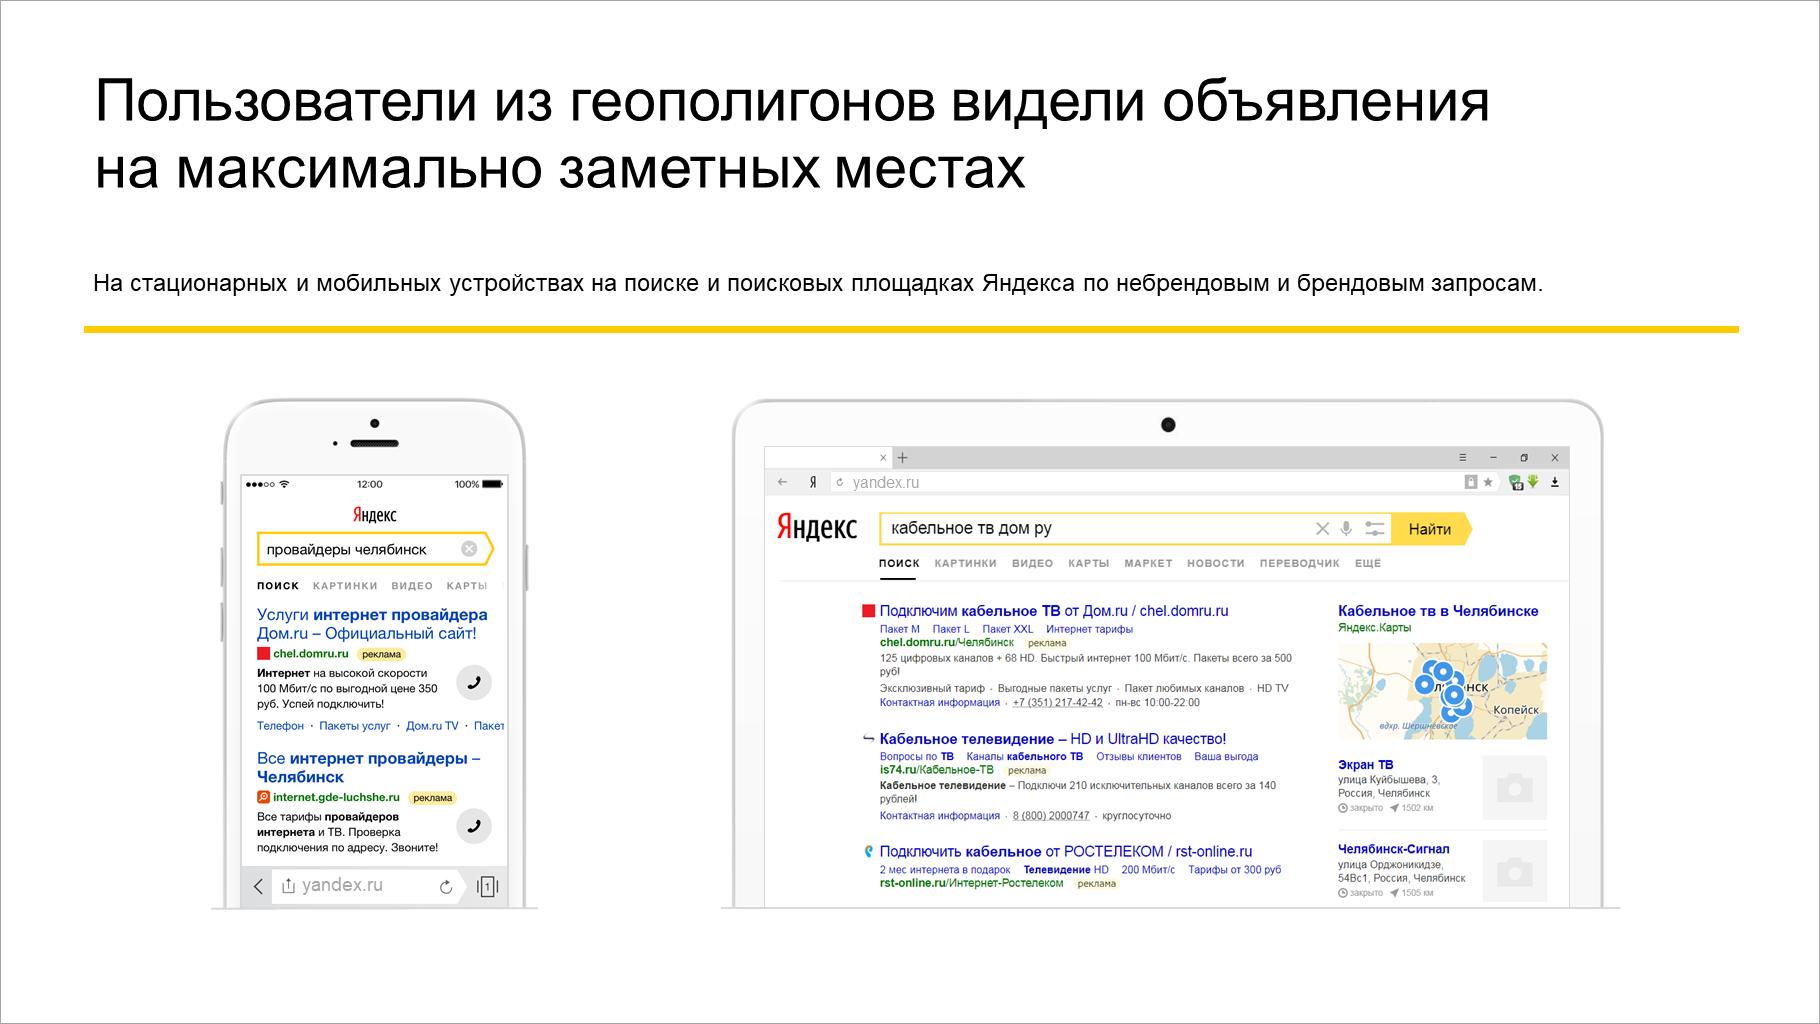 Пользователи из геополигонов видели объявления на максимально заметных местах